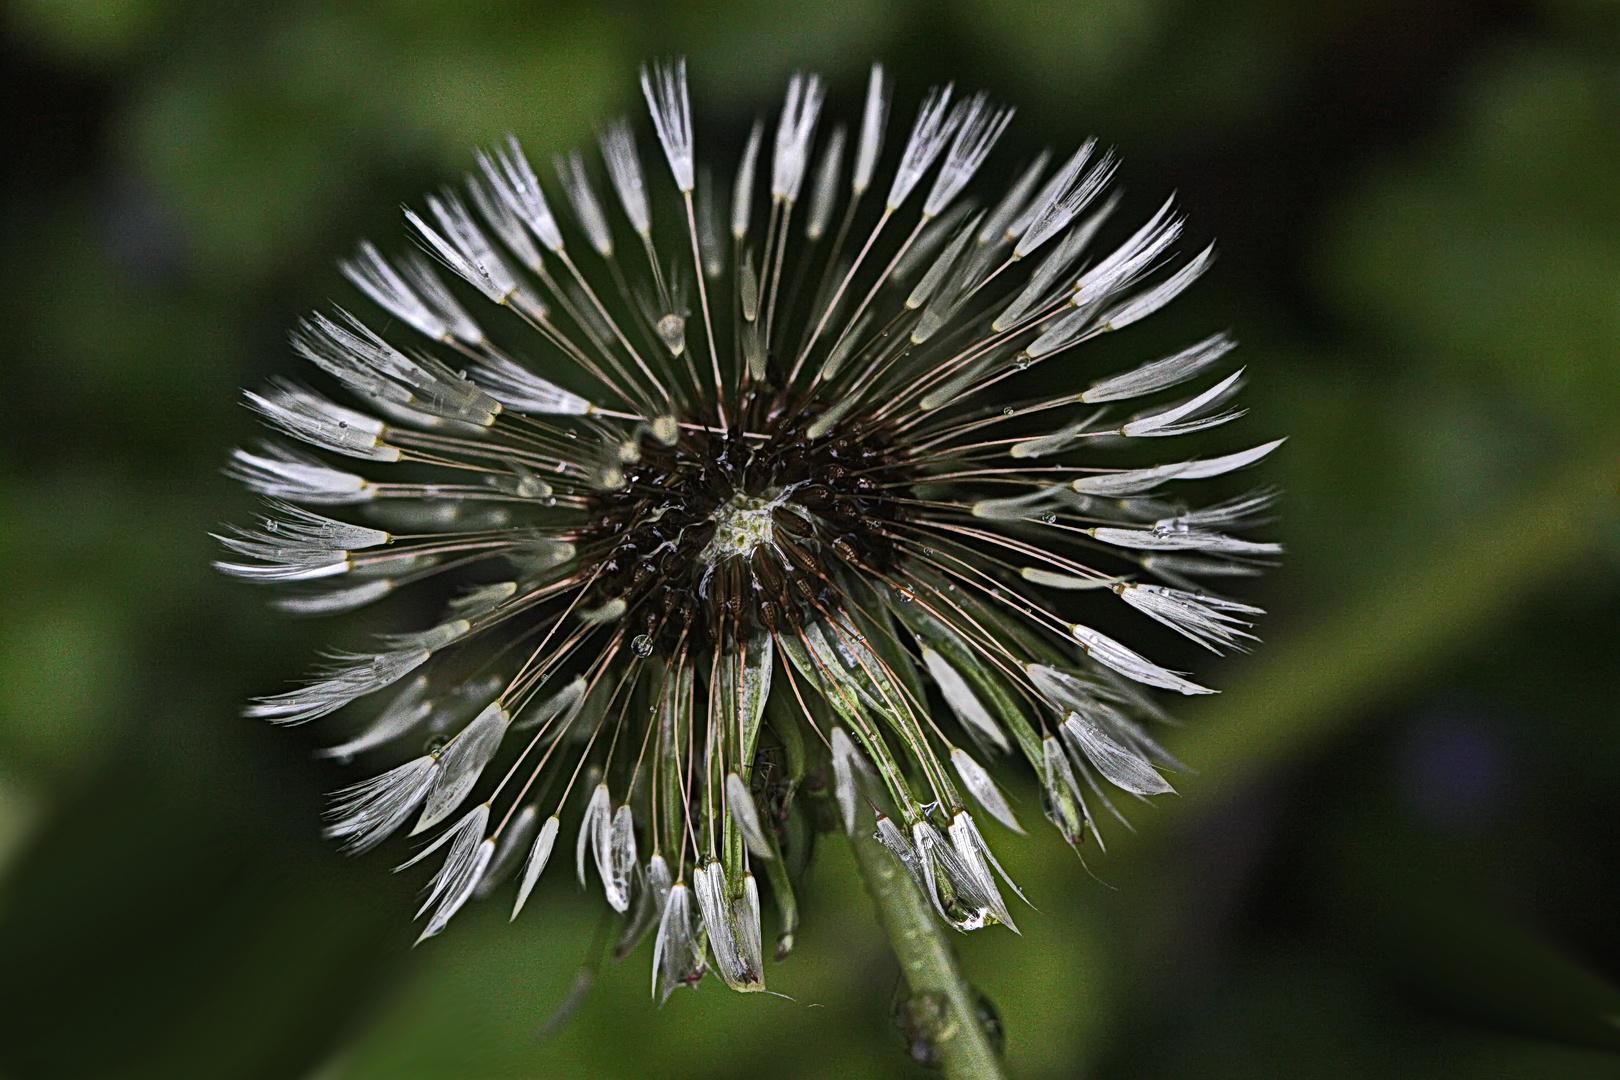 gleichmäßiges Abblühen der Pusteblume